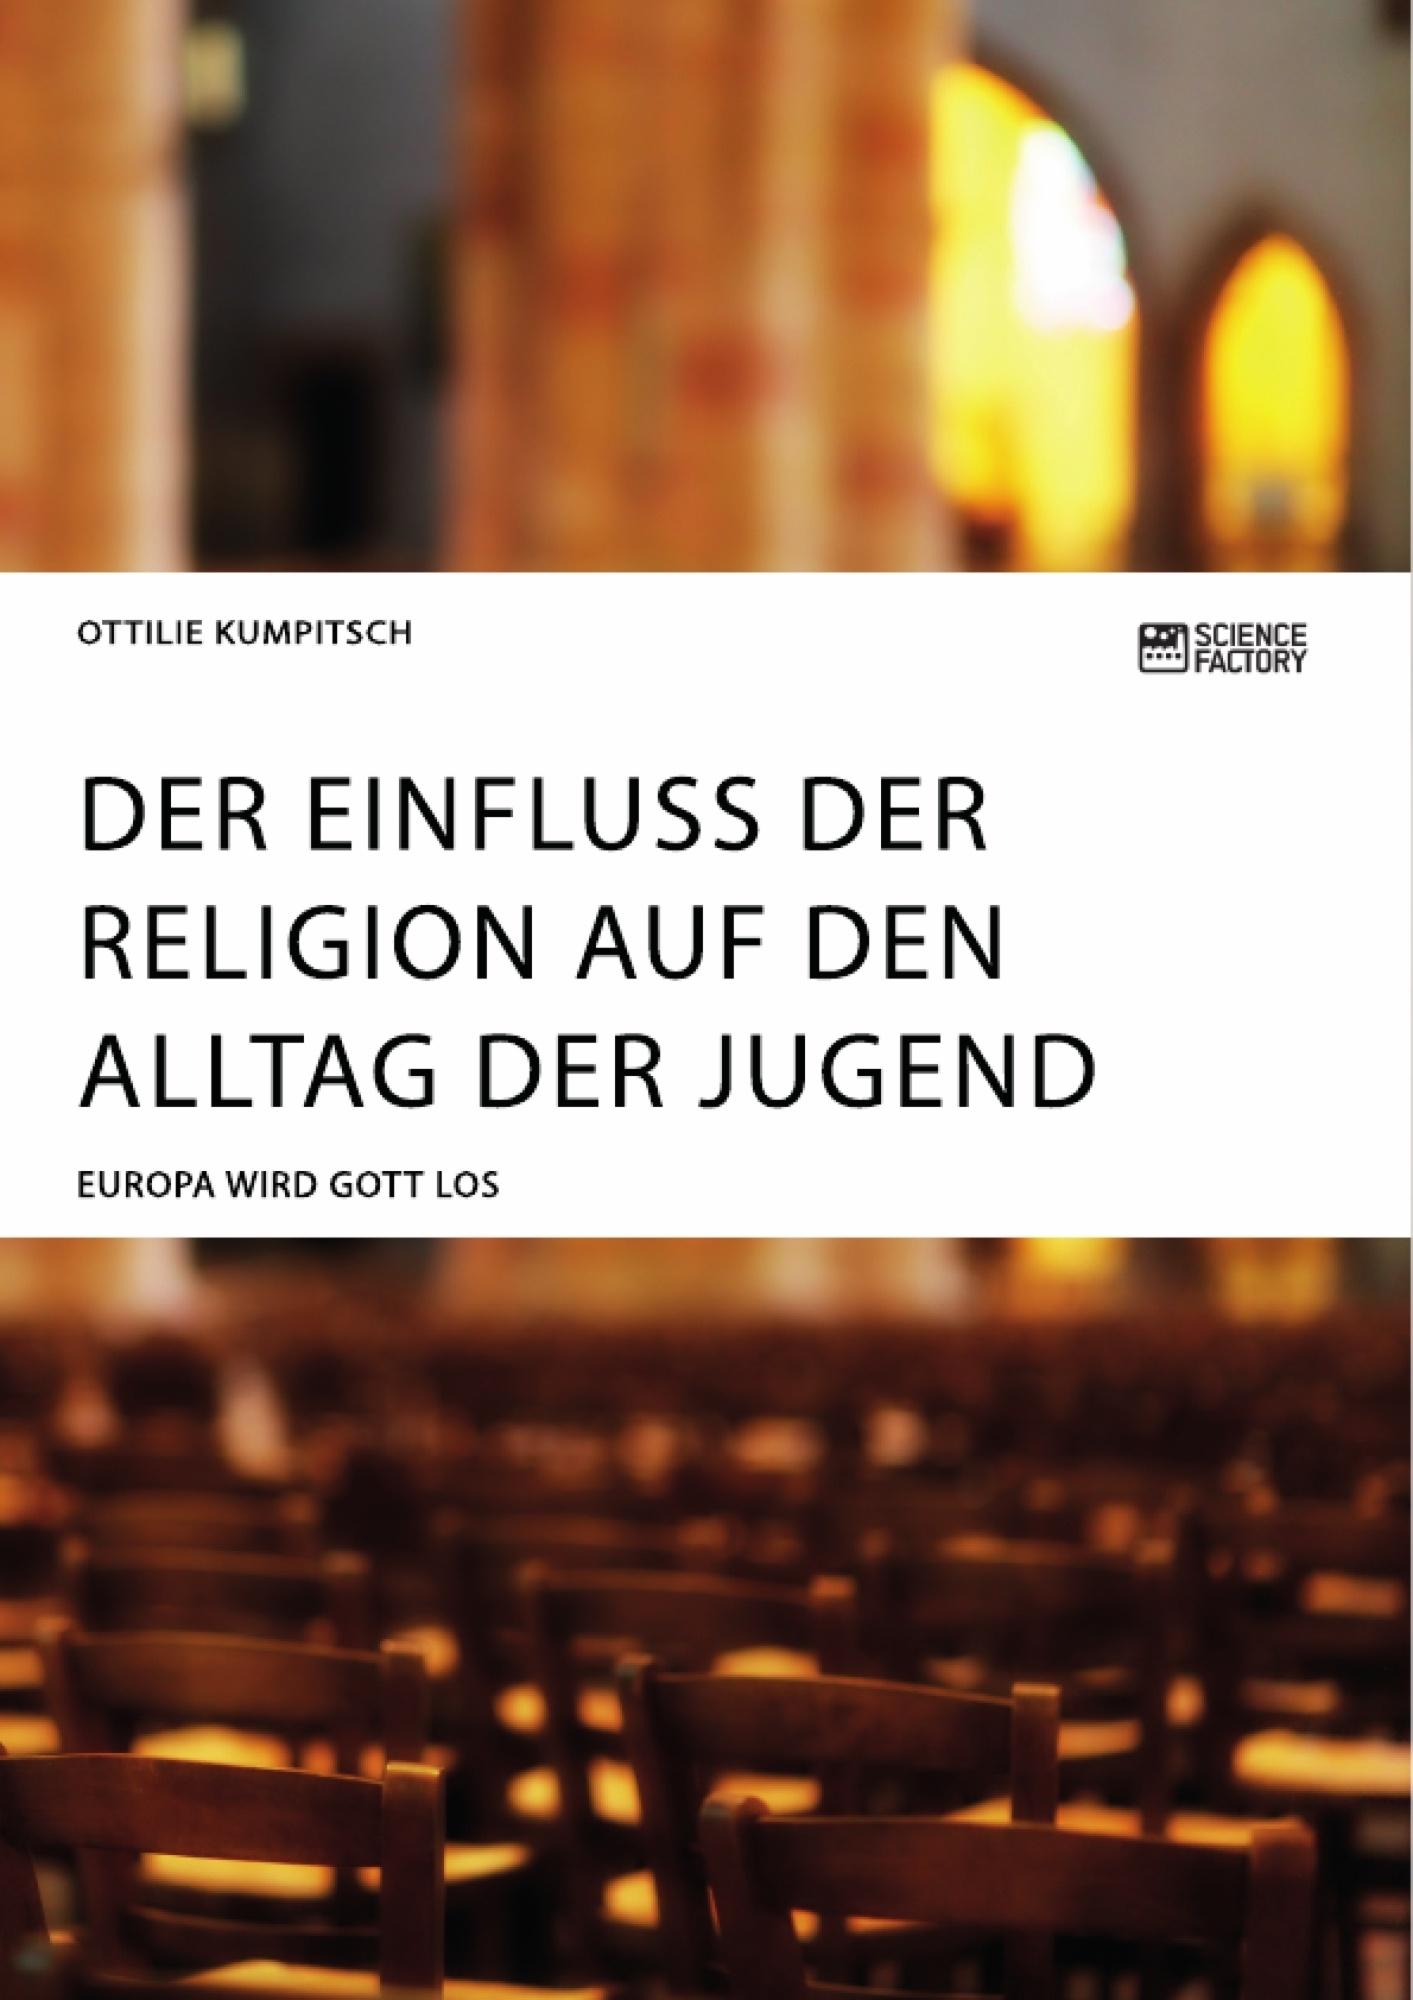 Titel: Der Einfluss der Religion auf den Alltag der Jugend. Europa wird Gott los